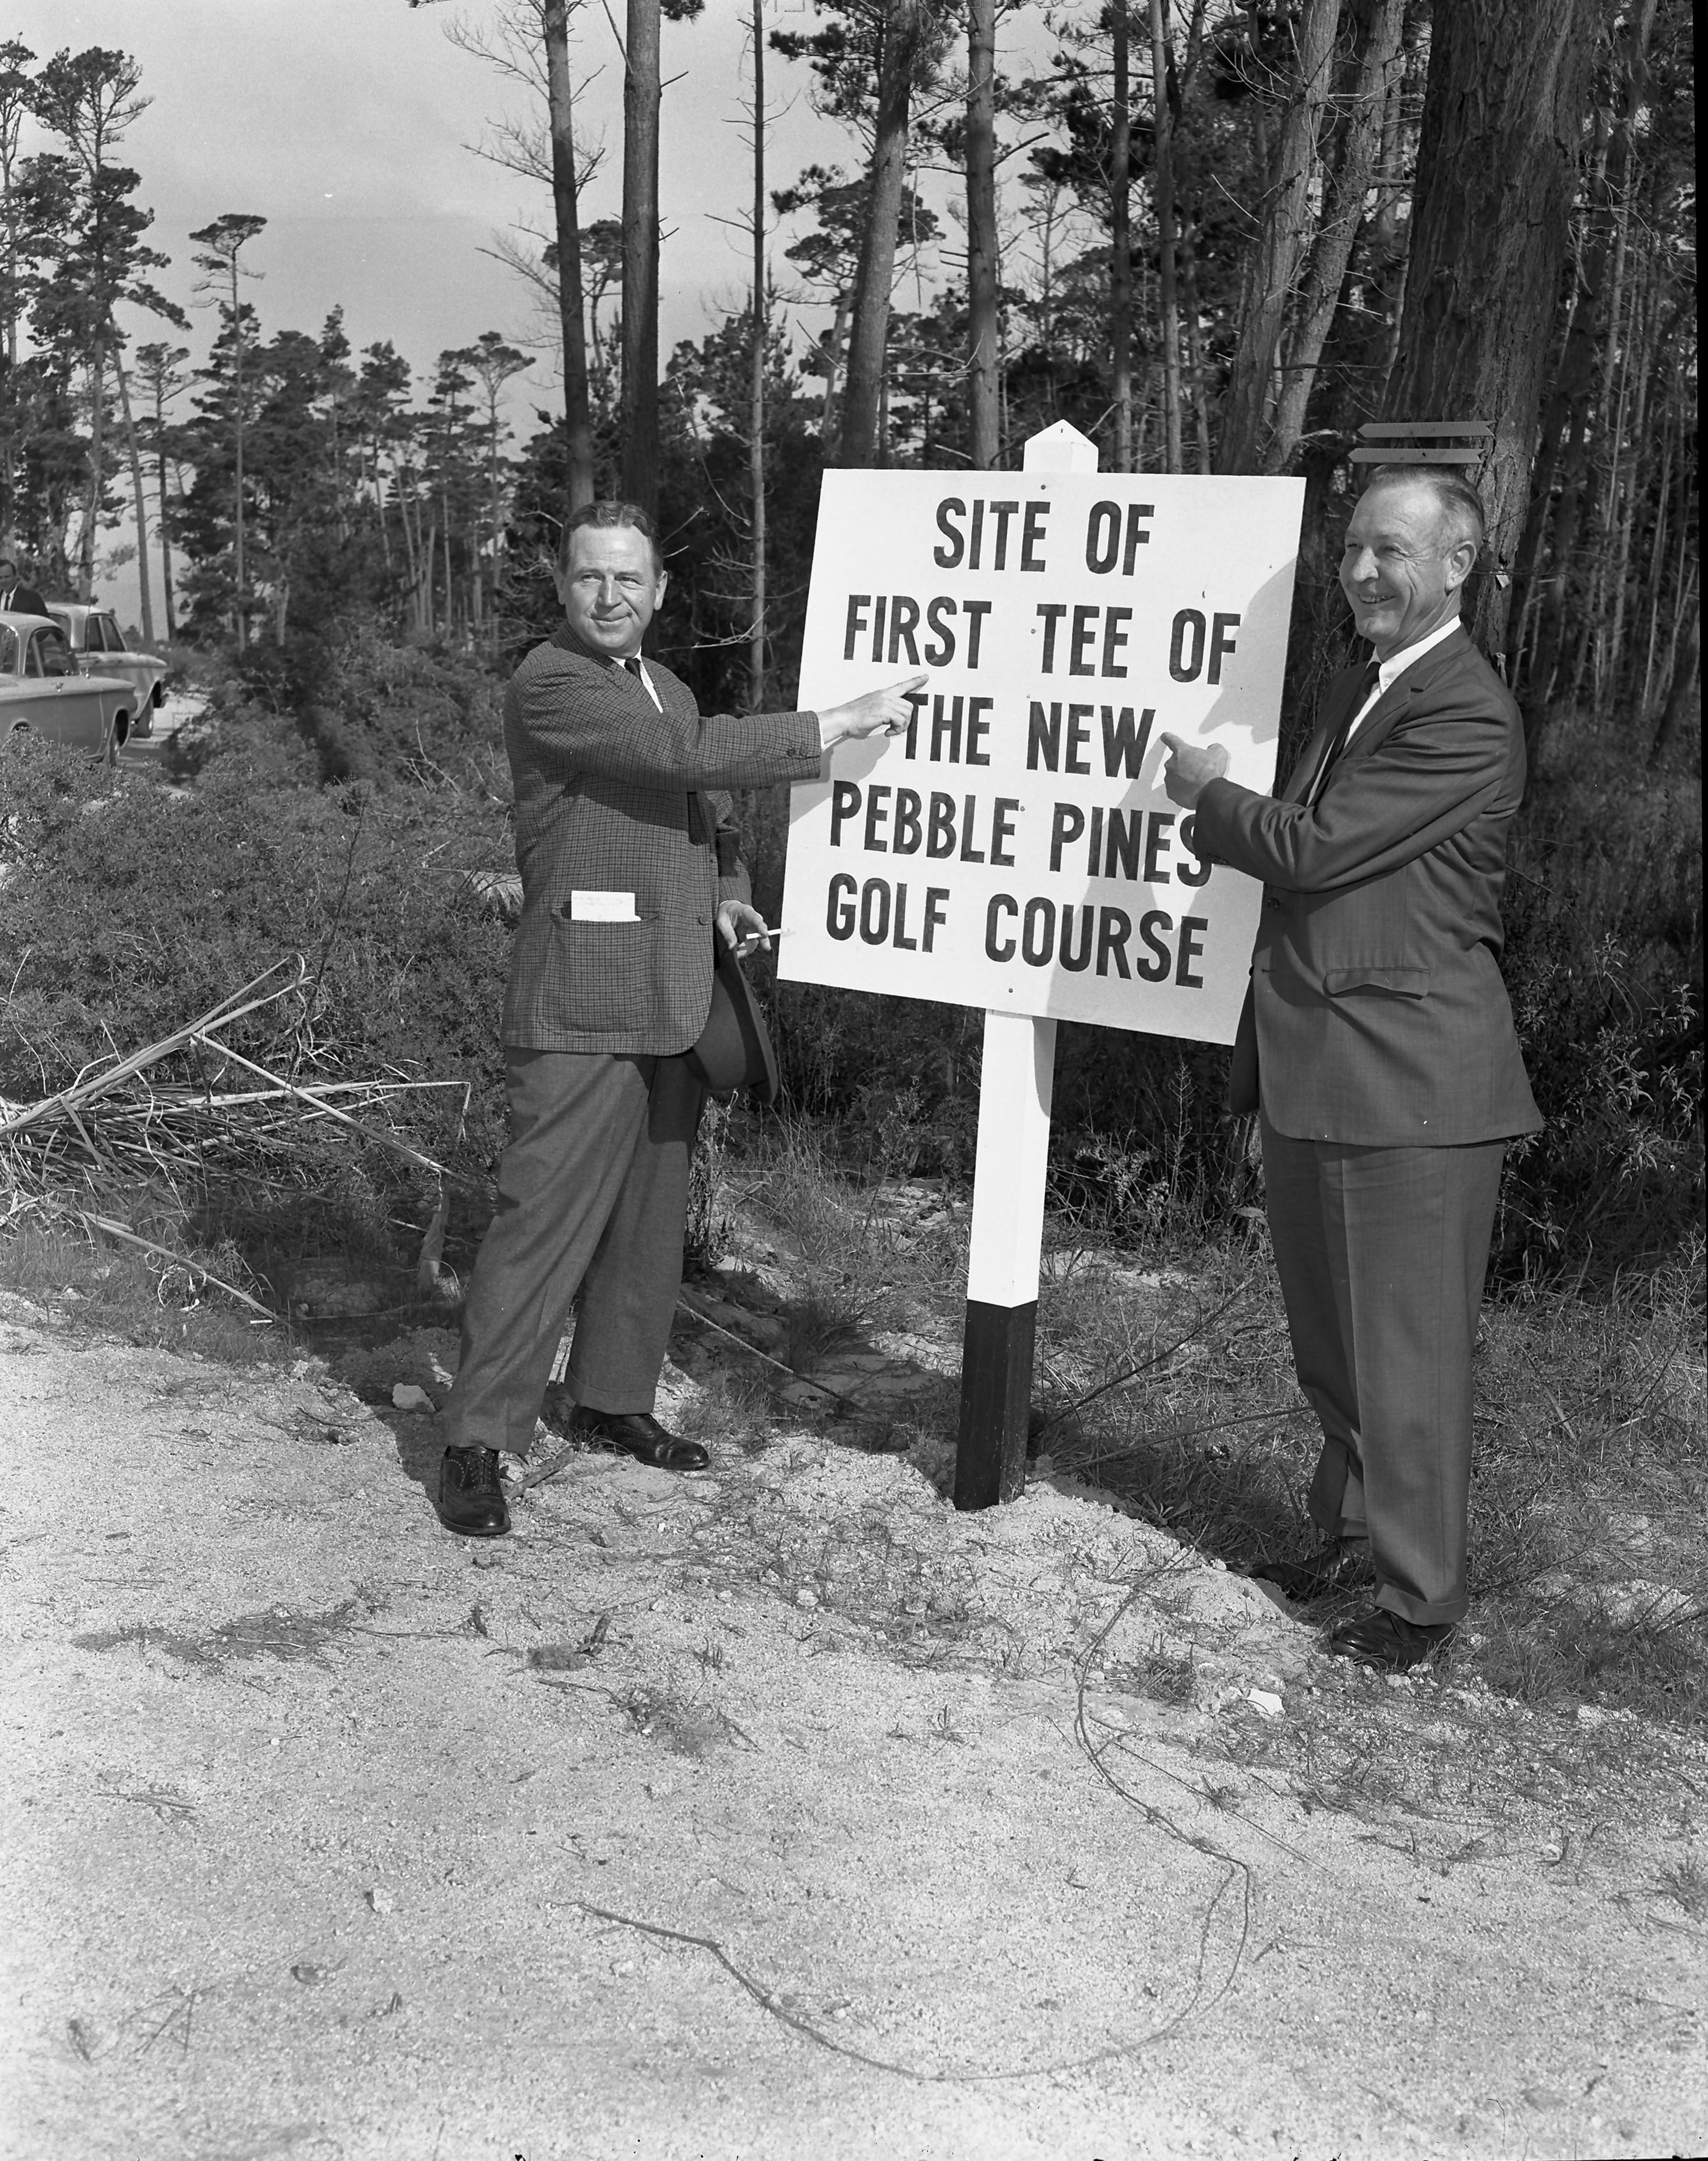 Pebble Pines